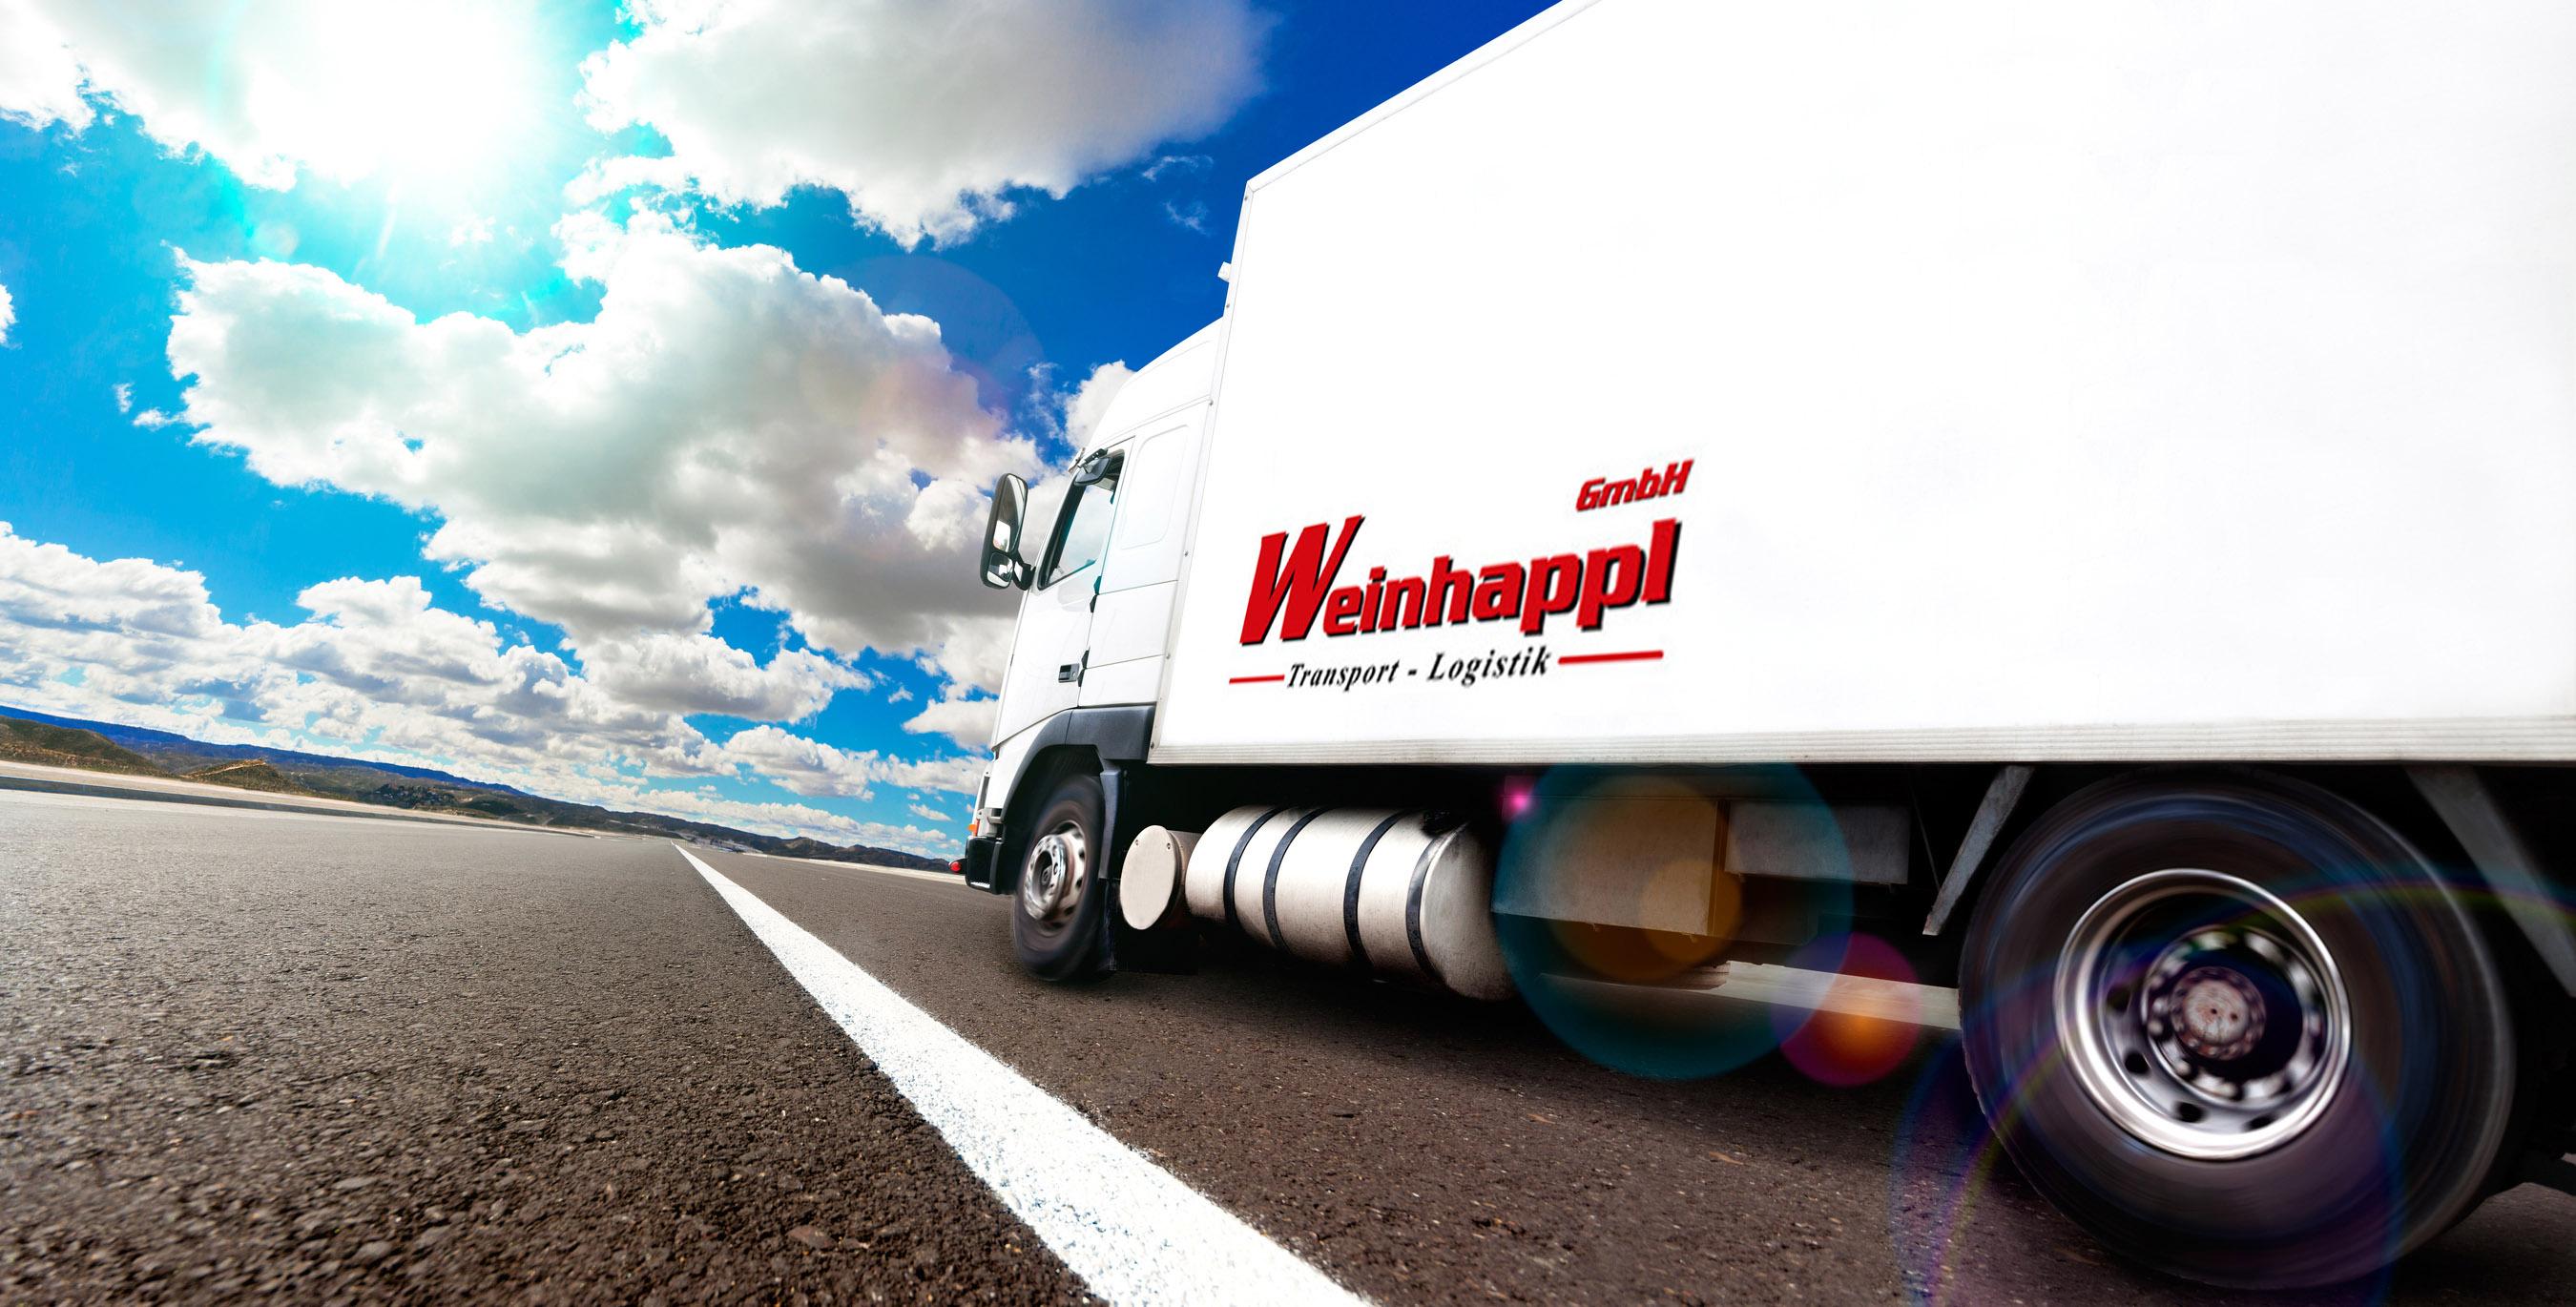 Weinhappl GmbH